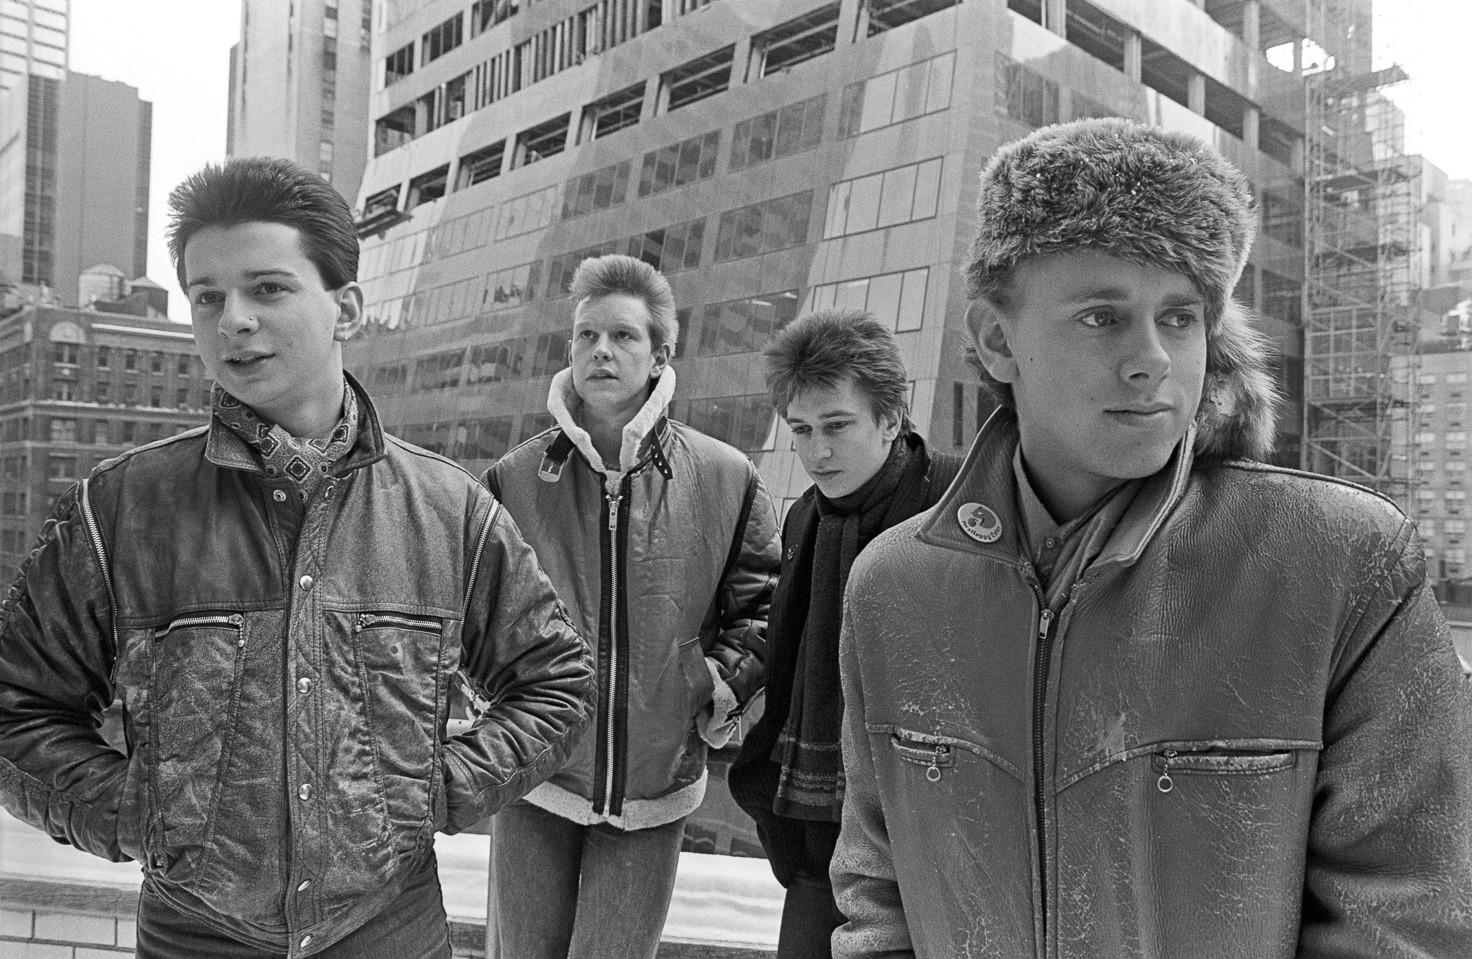 Depeche_Mode_1.jpg